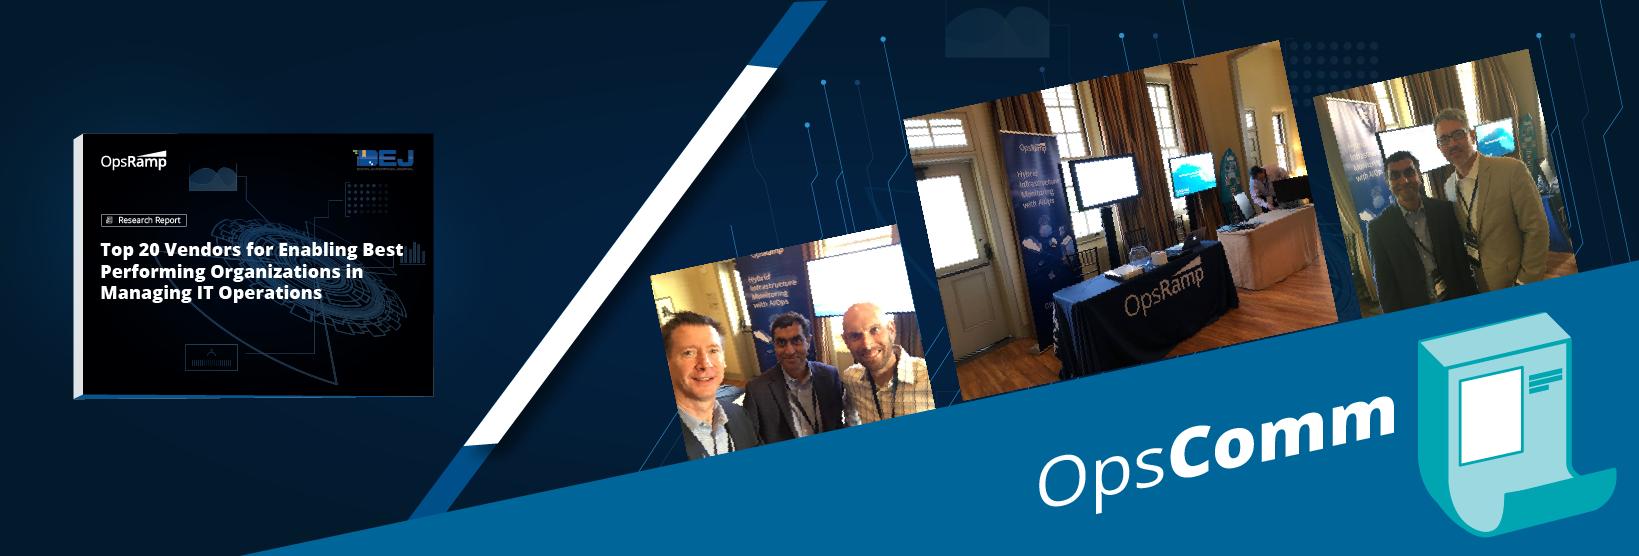 [OpsComm 9月] OpsRampは、IT運用の管理において最高のパフォーマンスを発揮する組織を実現するためのトップベンダーとして認められました